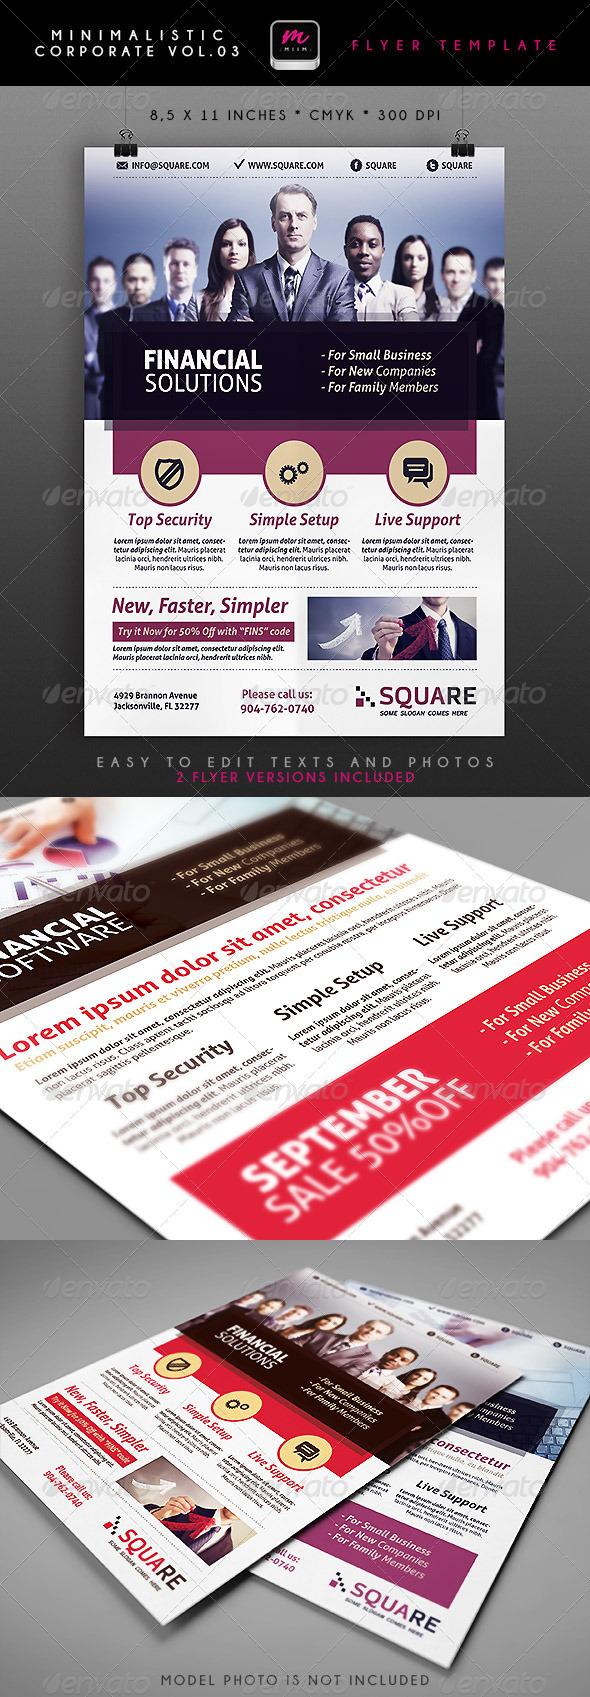 GraphicRiver Minimalistic Corporate Flyer 3 5339027